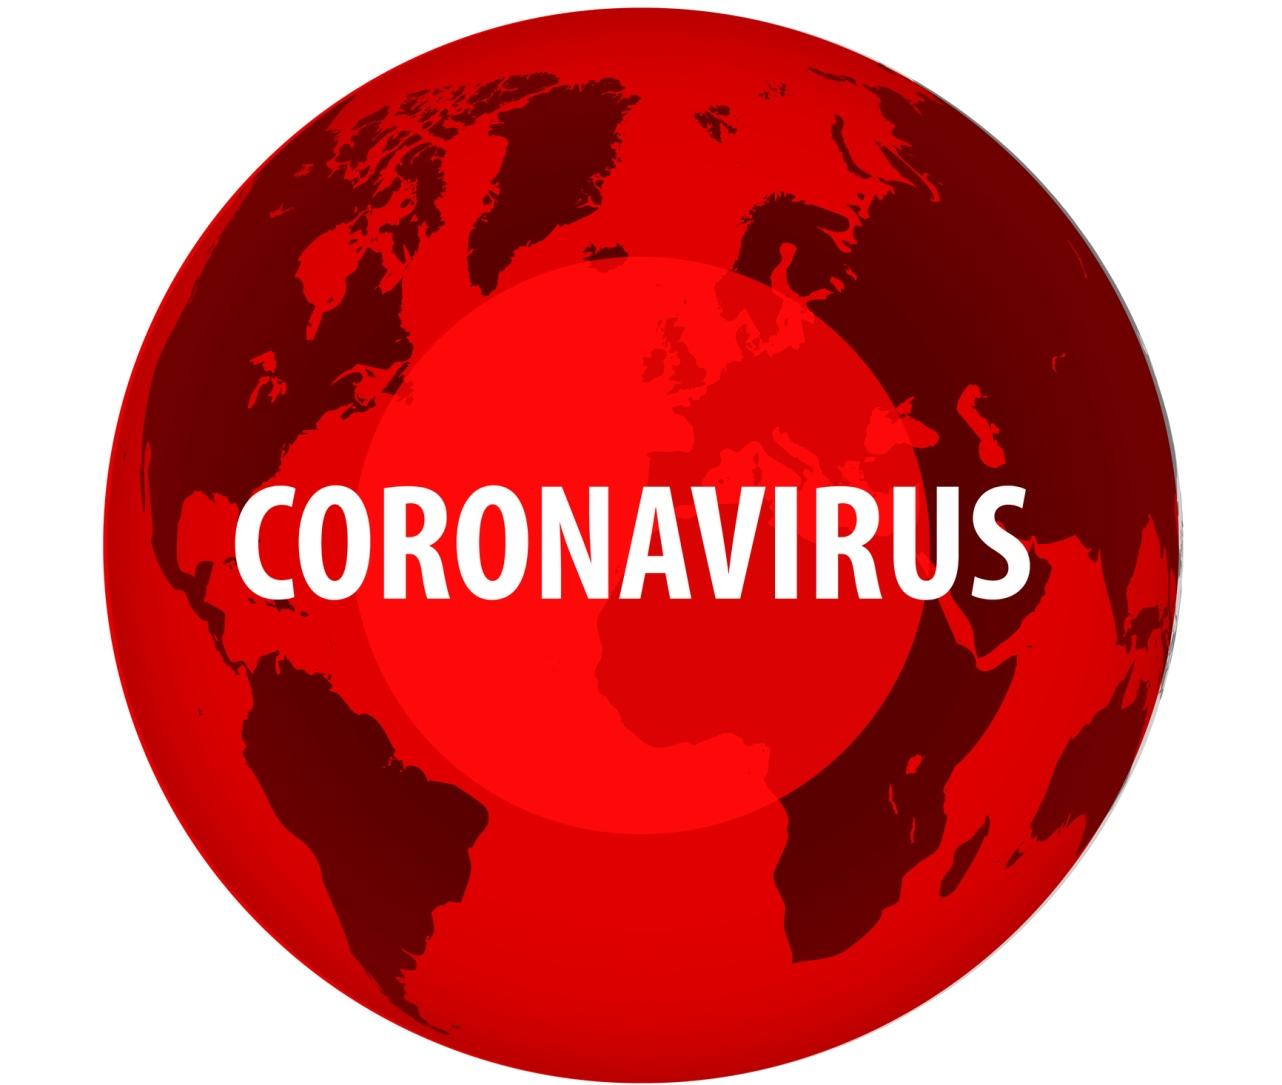 La pandemia di coronavirus potrebbe durare due anni